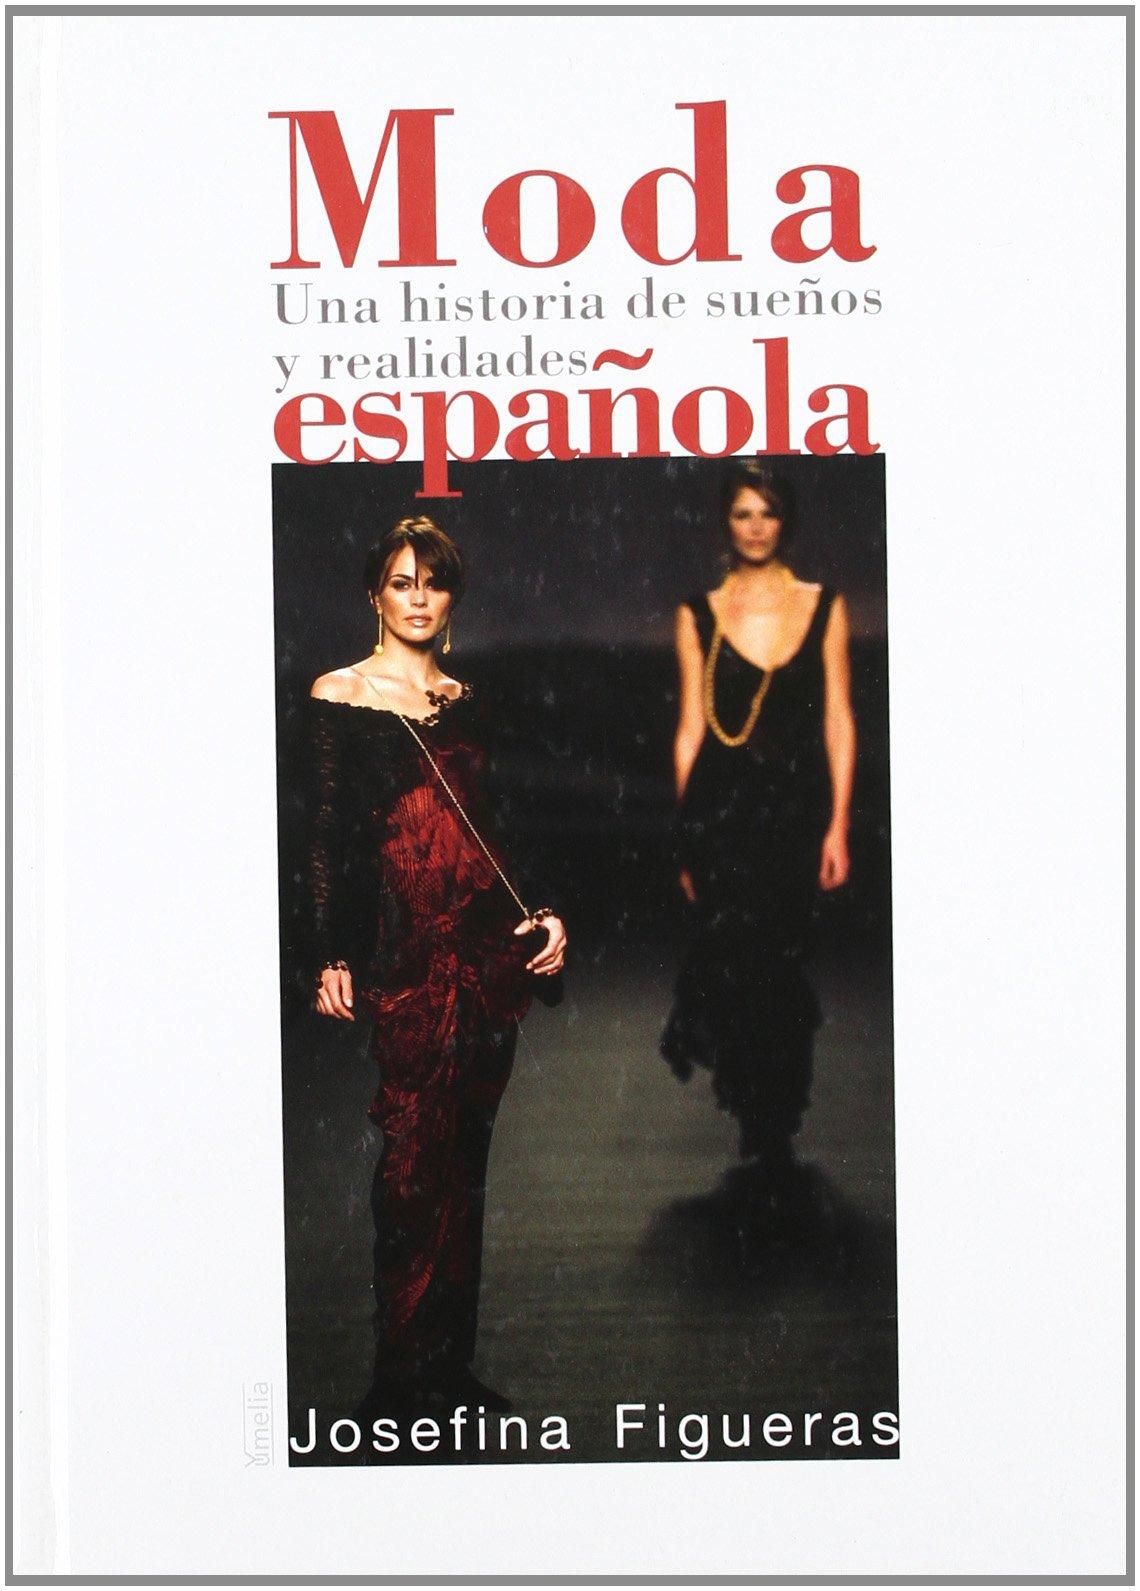 Moda española: una historia de sueños y realidades Yumelia: Amazon.es: Figueras Serra, Josefina: Libros